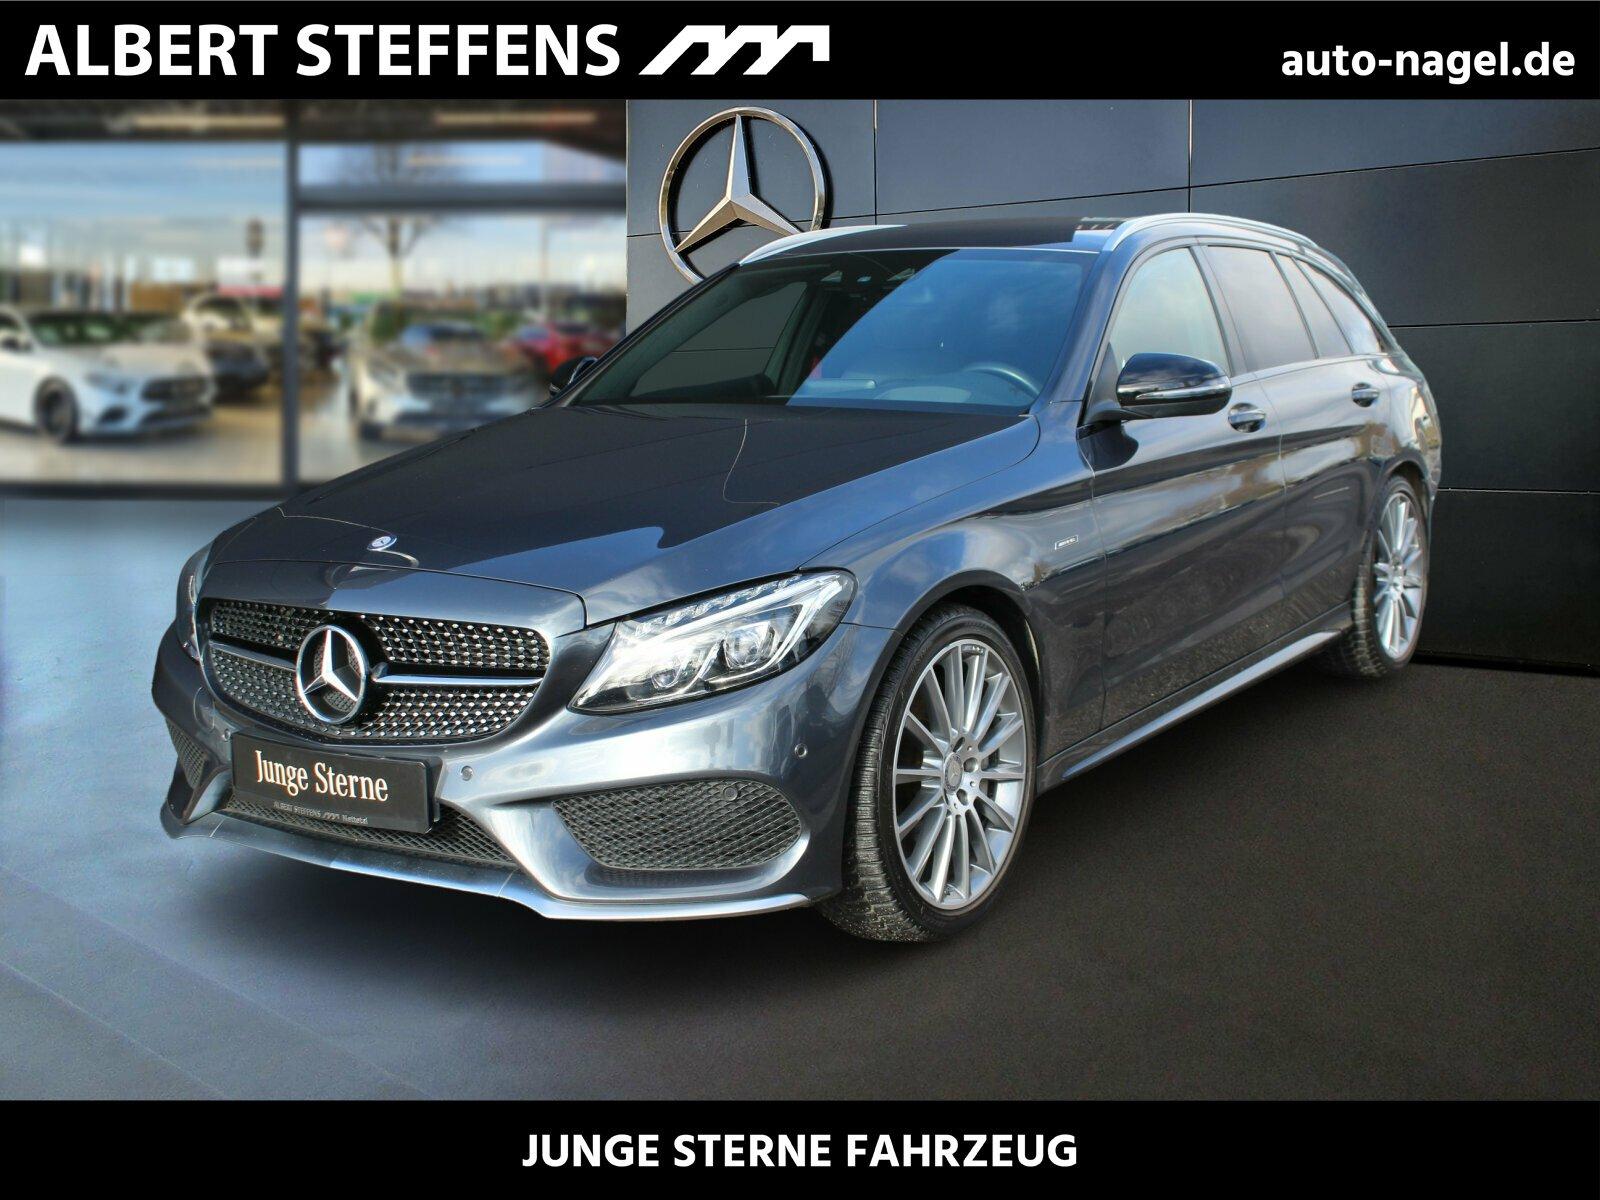 Mercedes-Benz C 450 AMG T 4M C43 +Navi+MemorySportsitze+LED+, Jahr 2016, Benzin